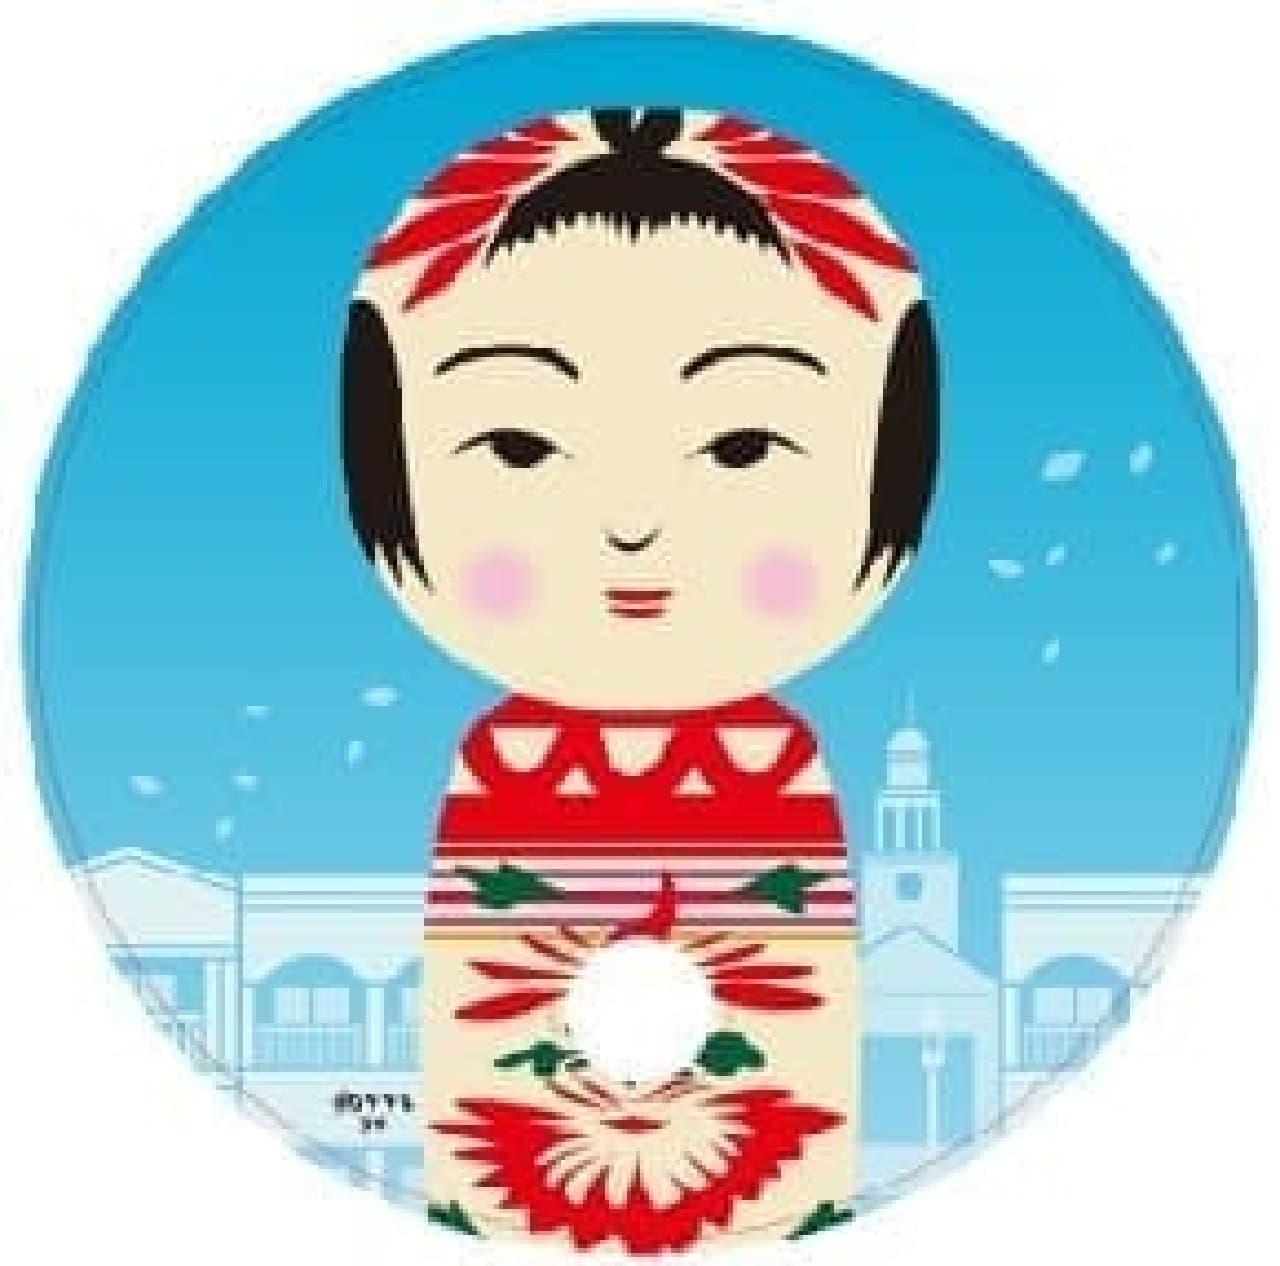 「宮城 夏のこけしフェス in 仙台泉プレミアム・アウトレット」の花子さんうちわ